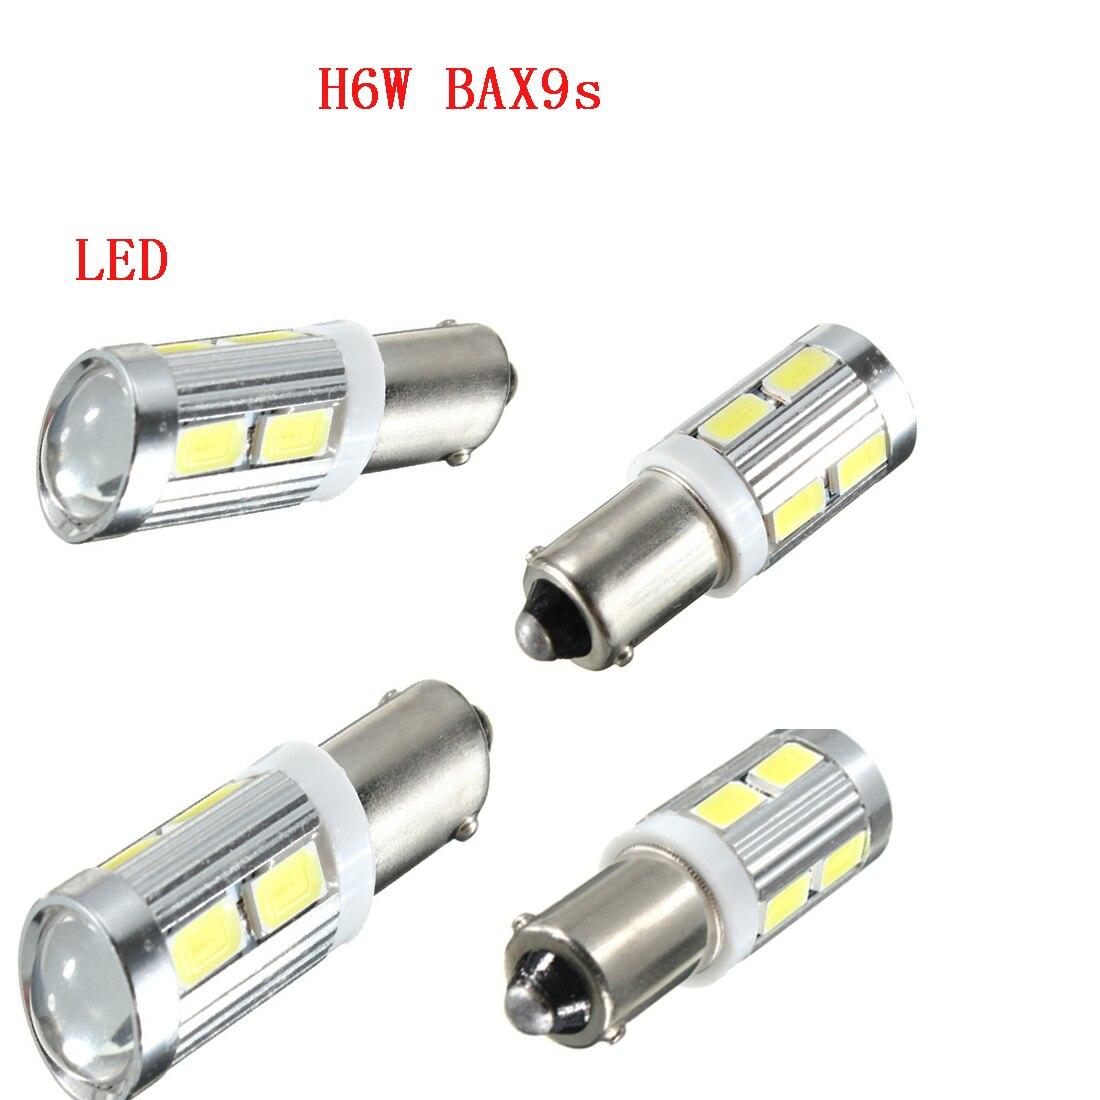 Dongzhen <font><b>H6W</b></font> <font><b>BAX9S</b></font> 433c 5630 <font><b>LED</b></font> SMD супер Мощность туман лампа автомобилей реверсивная Тормозные огни для автомобиля Парковка лампы Белый 2 шт.